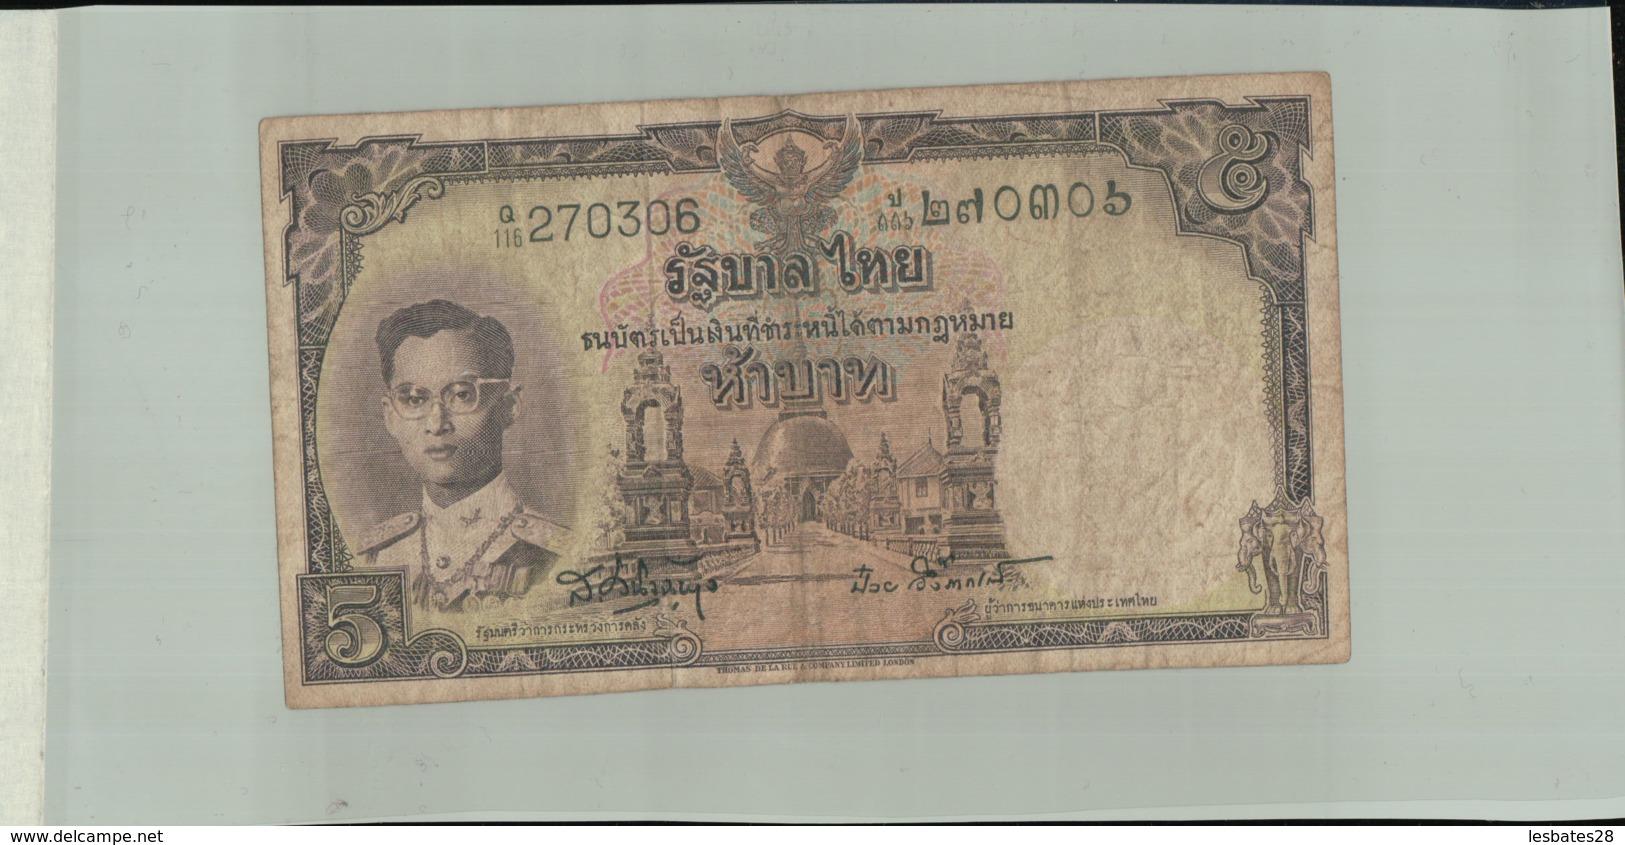 BILLET Banque  Thailande 5 Baht  1955 -Janv 2020  Clas Gera - Thailand